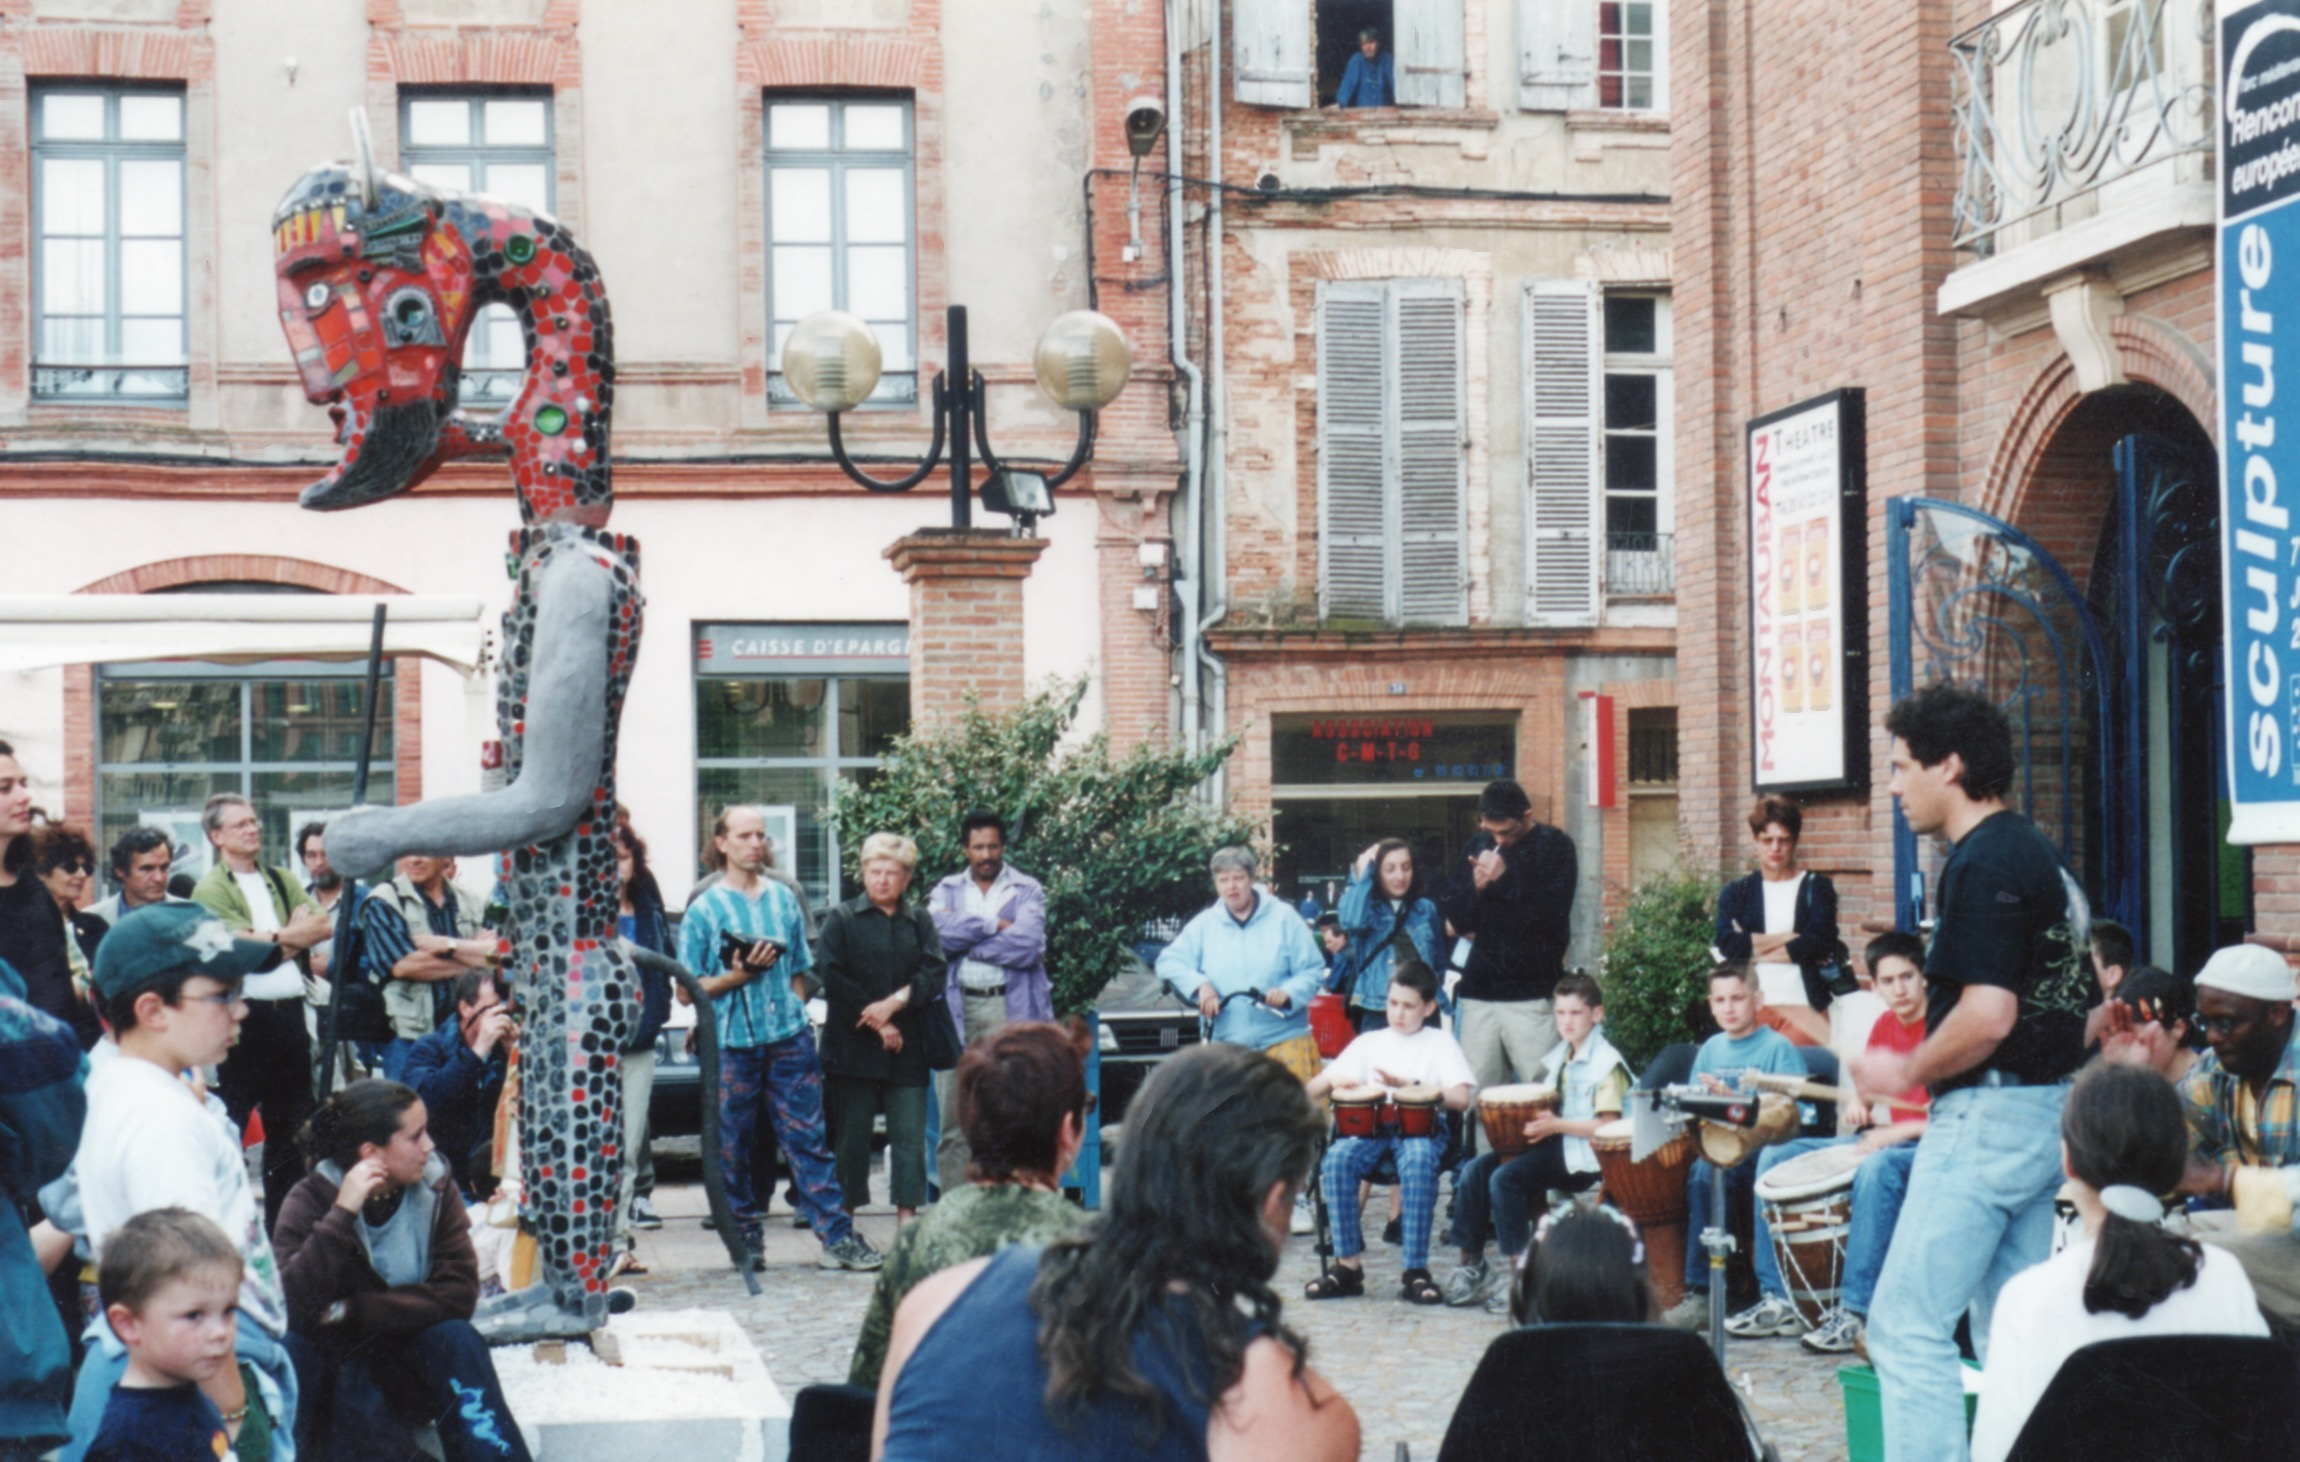 Le Minautore devant le Grand Théâtre à Montauban